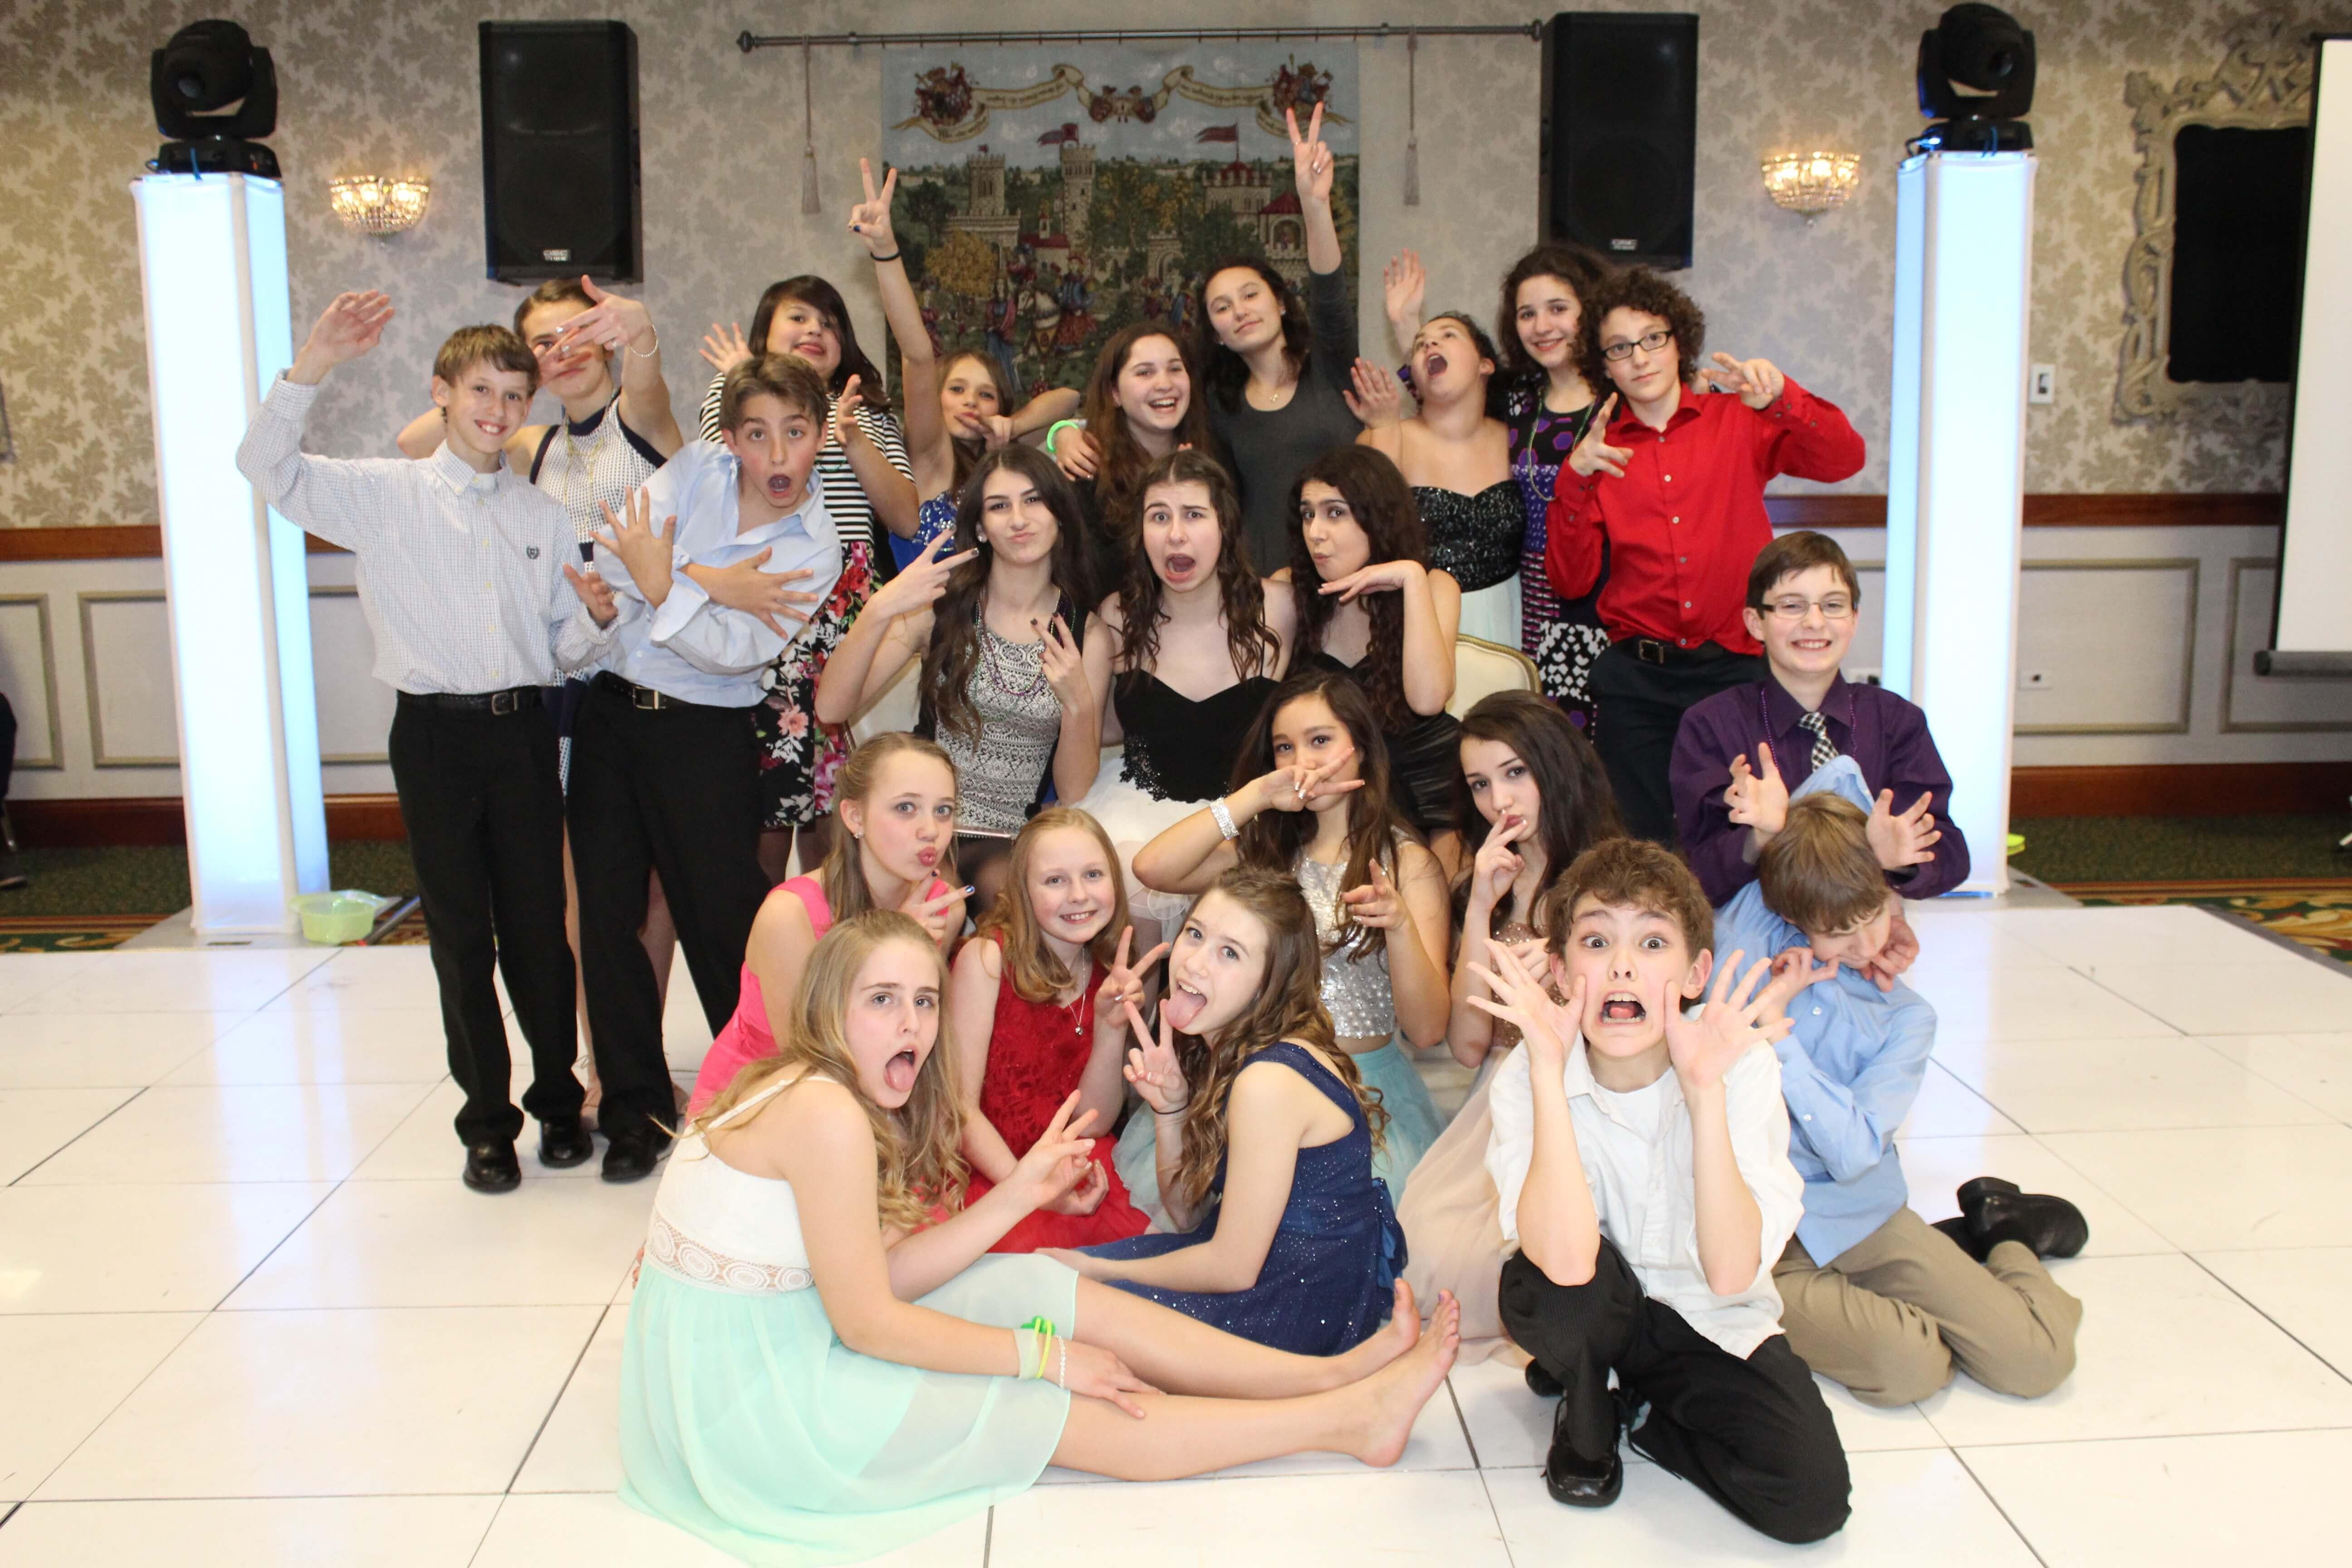 Gillian's Bat Mitzvah Group Photo